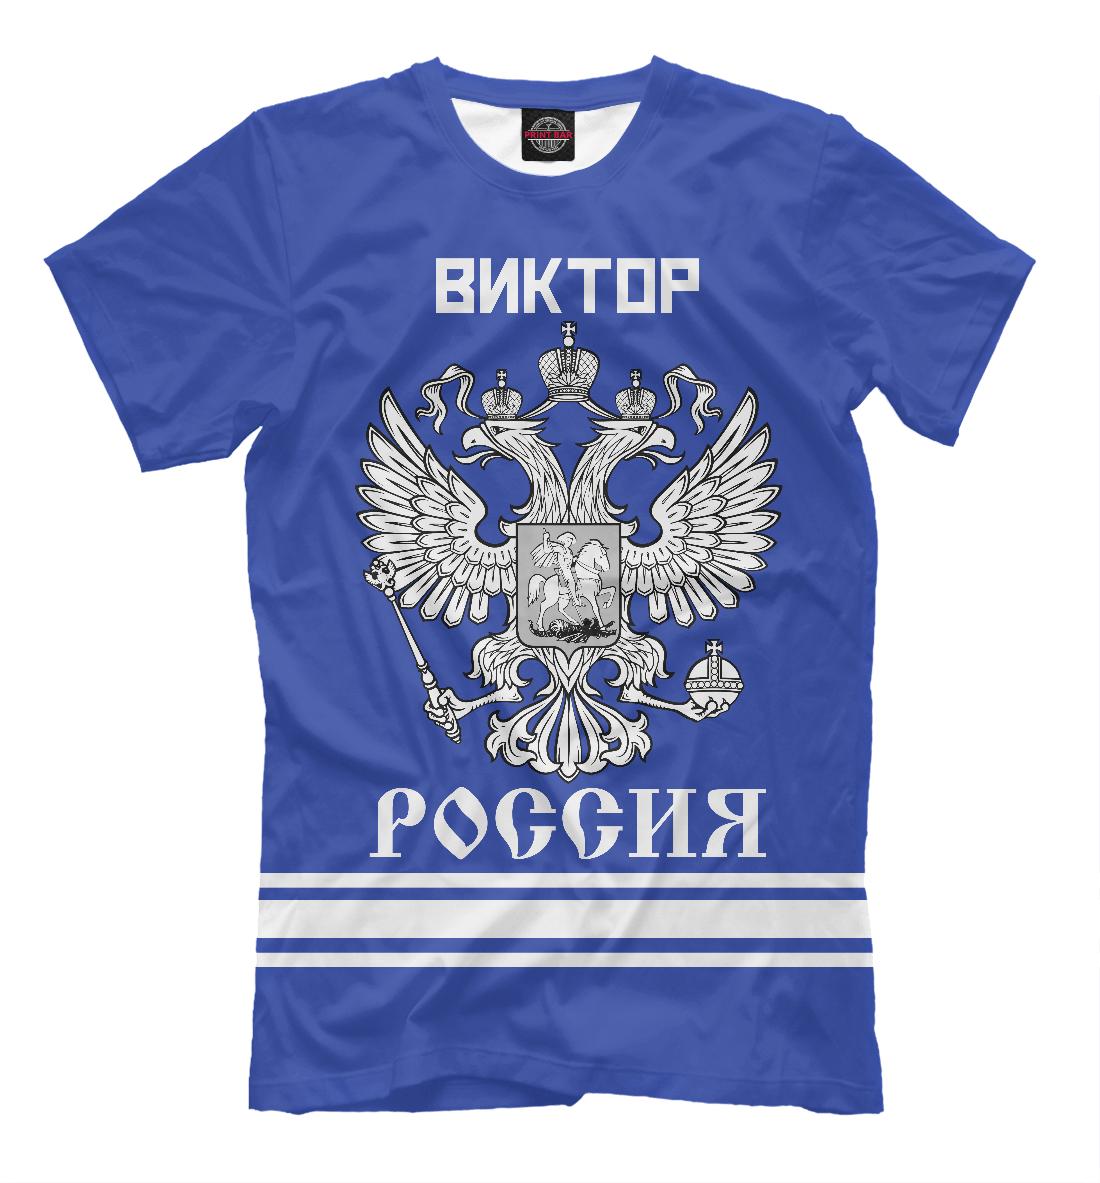 Купить ВИКТОР sport russia collection, Printbar, Футболки, VKT-521173-fut-2